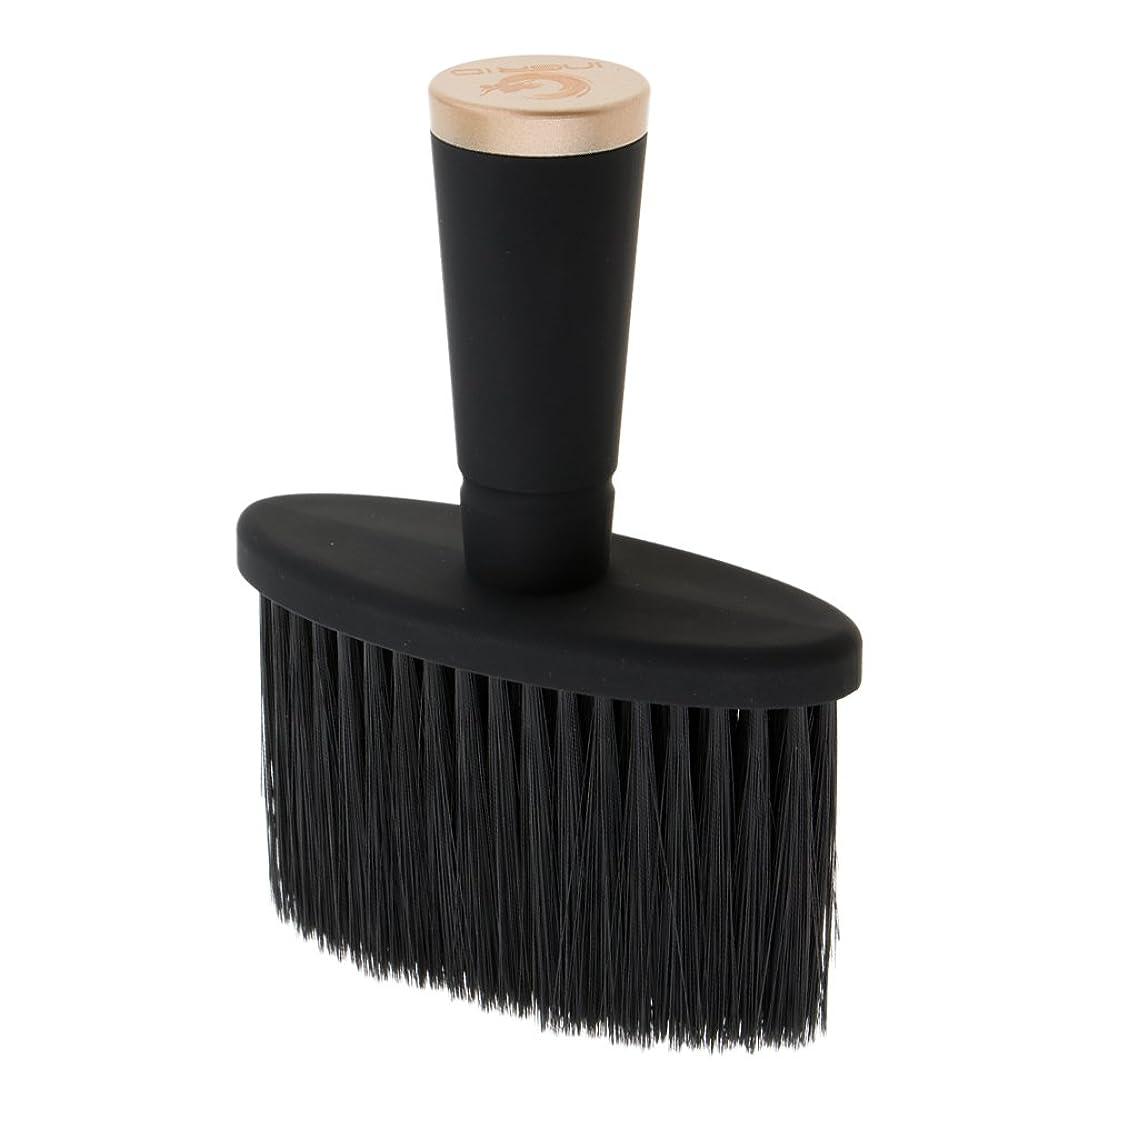 ソケット牛より多いPerfeclan ネックダスターブラシ ソフト ネックダスターブラシ サロン スタイリスト 理髪 メイクツール 全2色 - ゴールド